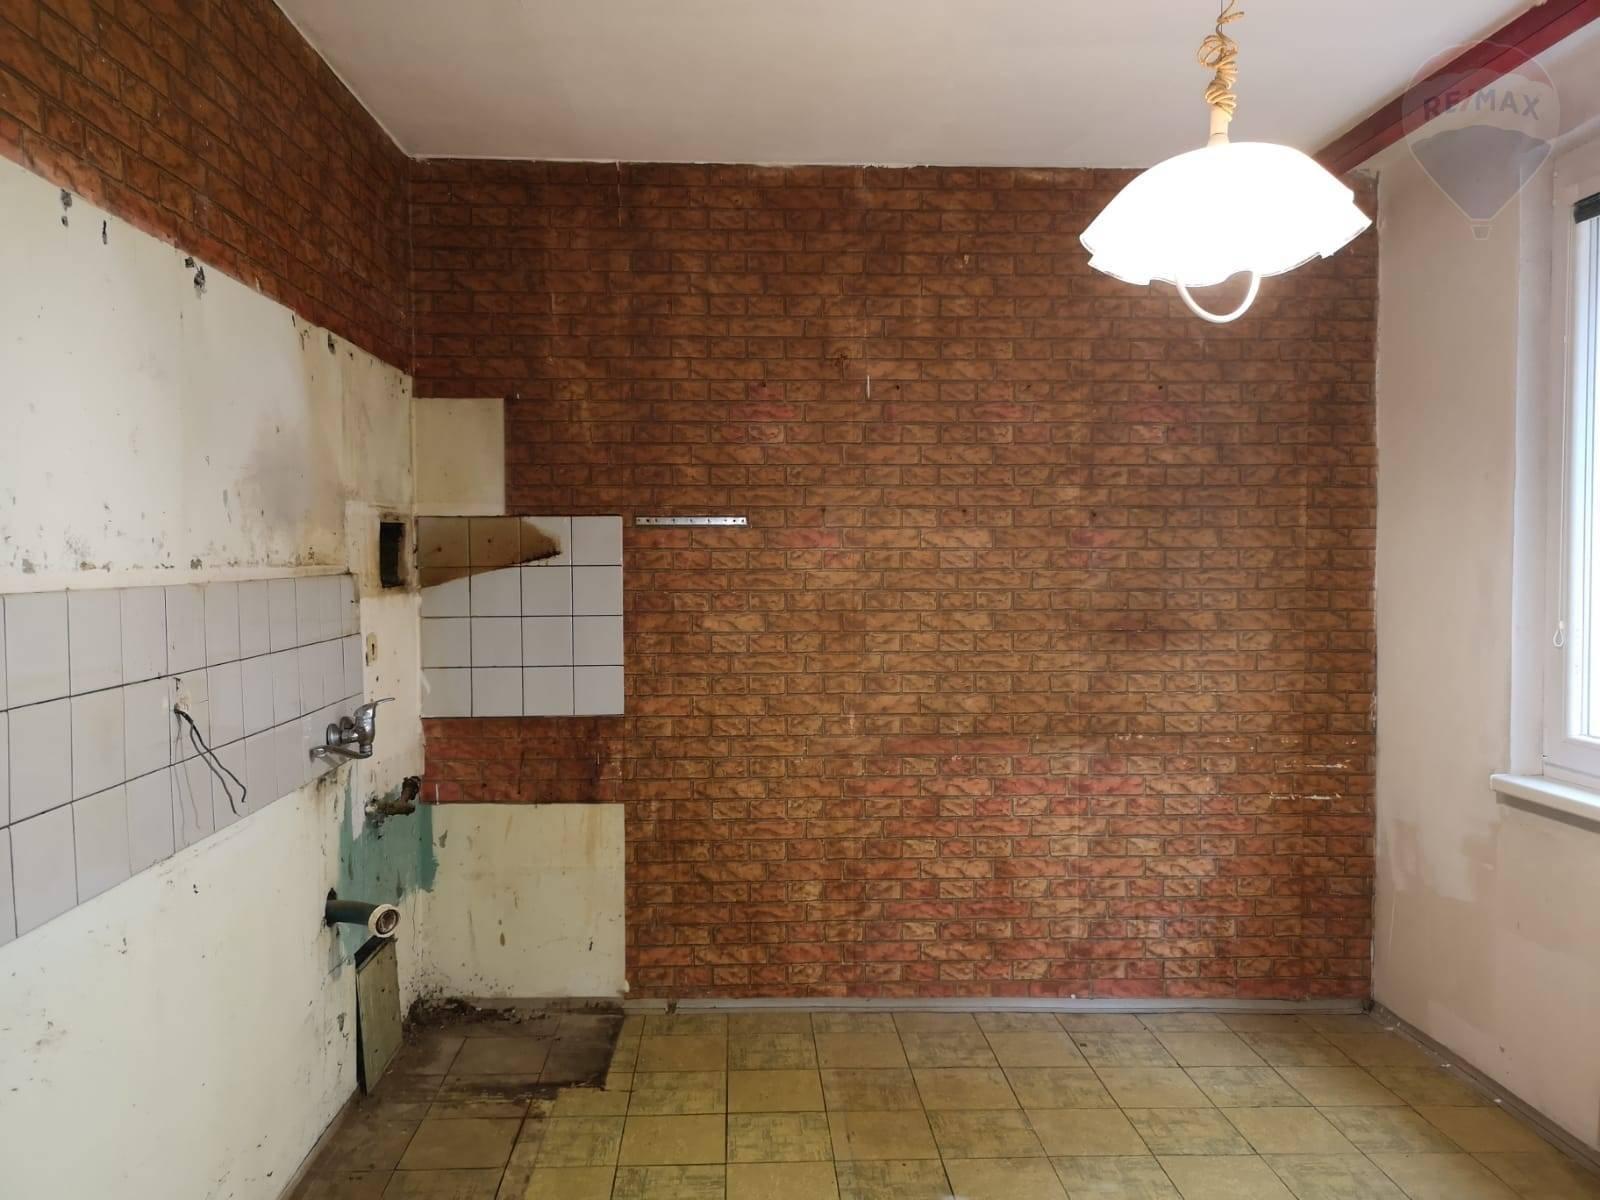 Predaj bytu (2 izbový) 60 m2, Šurany - predaj 2-izbový byt Šurany